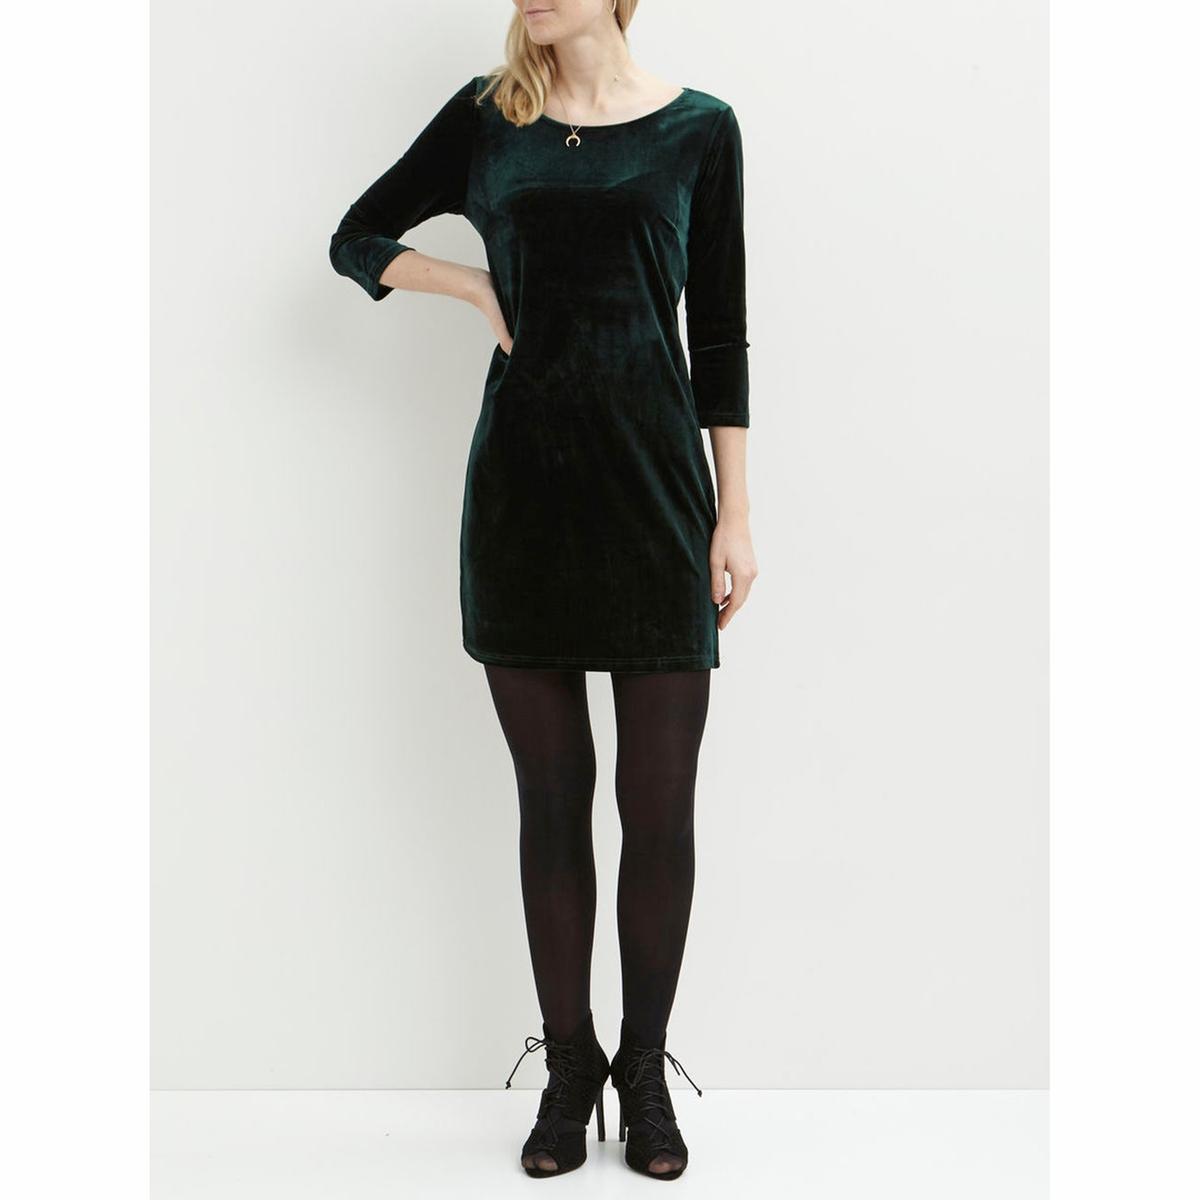 Платье с рукавами 3/4 VISIENNA DRESSСостав и описание :Материал : 95% полиэстер, 5% эластанМарка : VILA.<br><br>Цвет: зеленый<br>Размер: XS